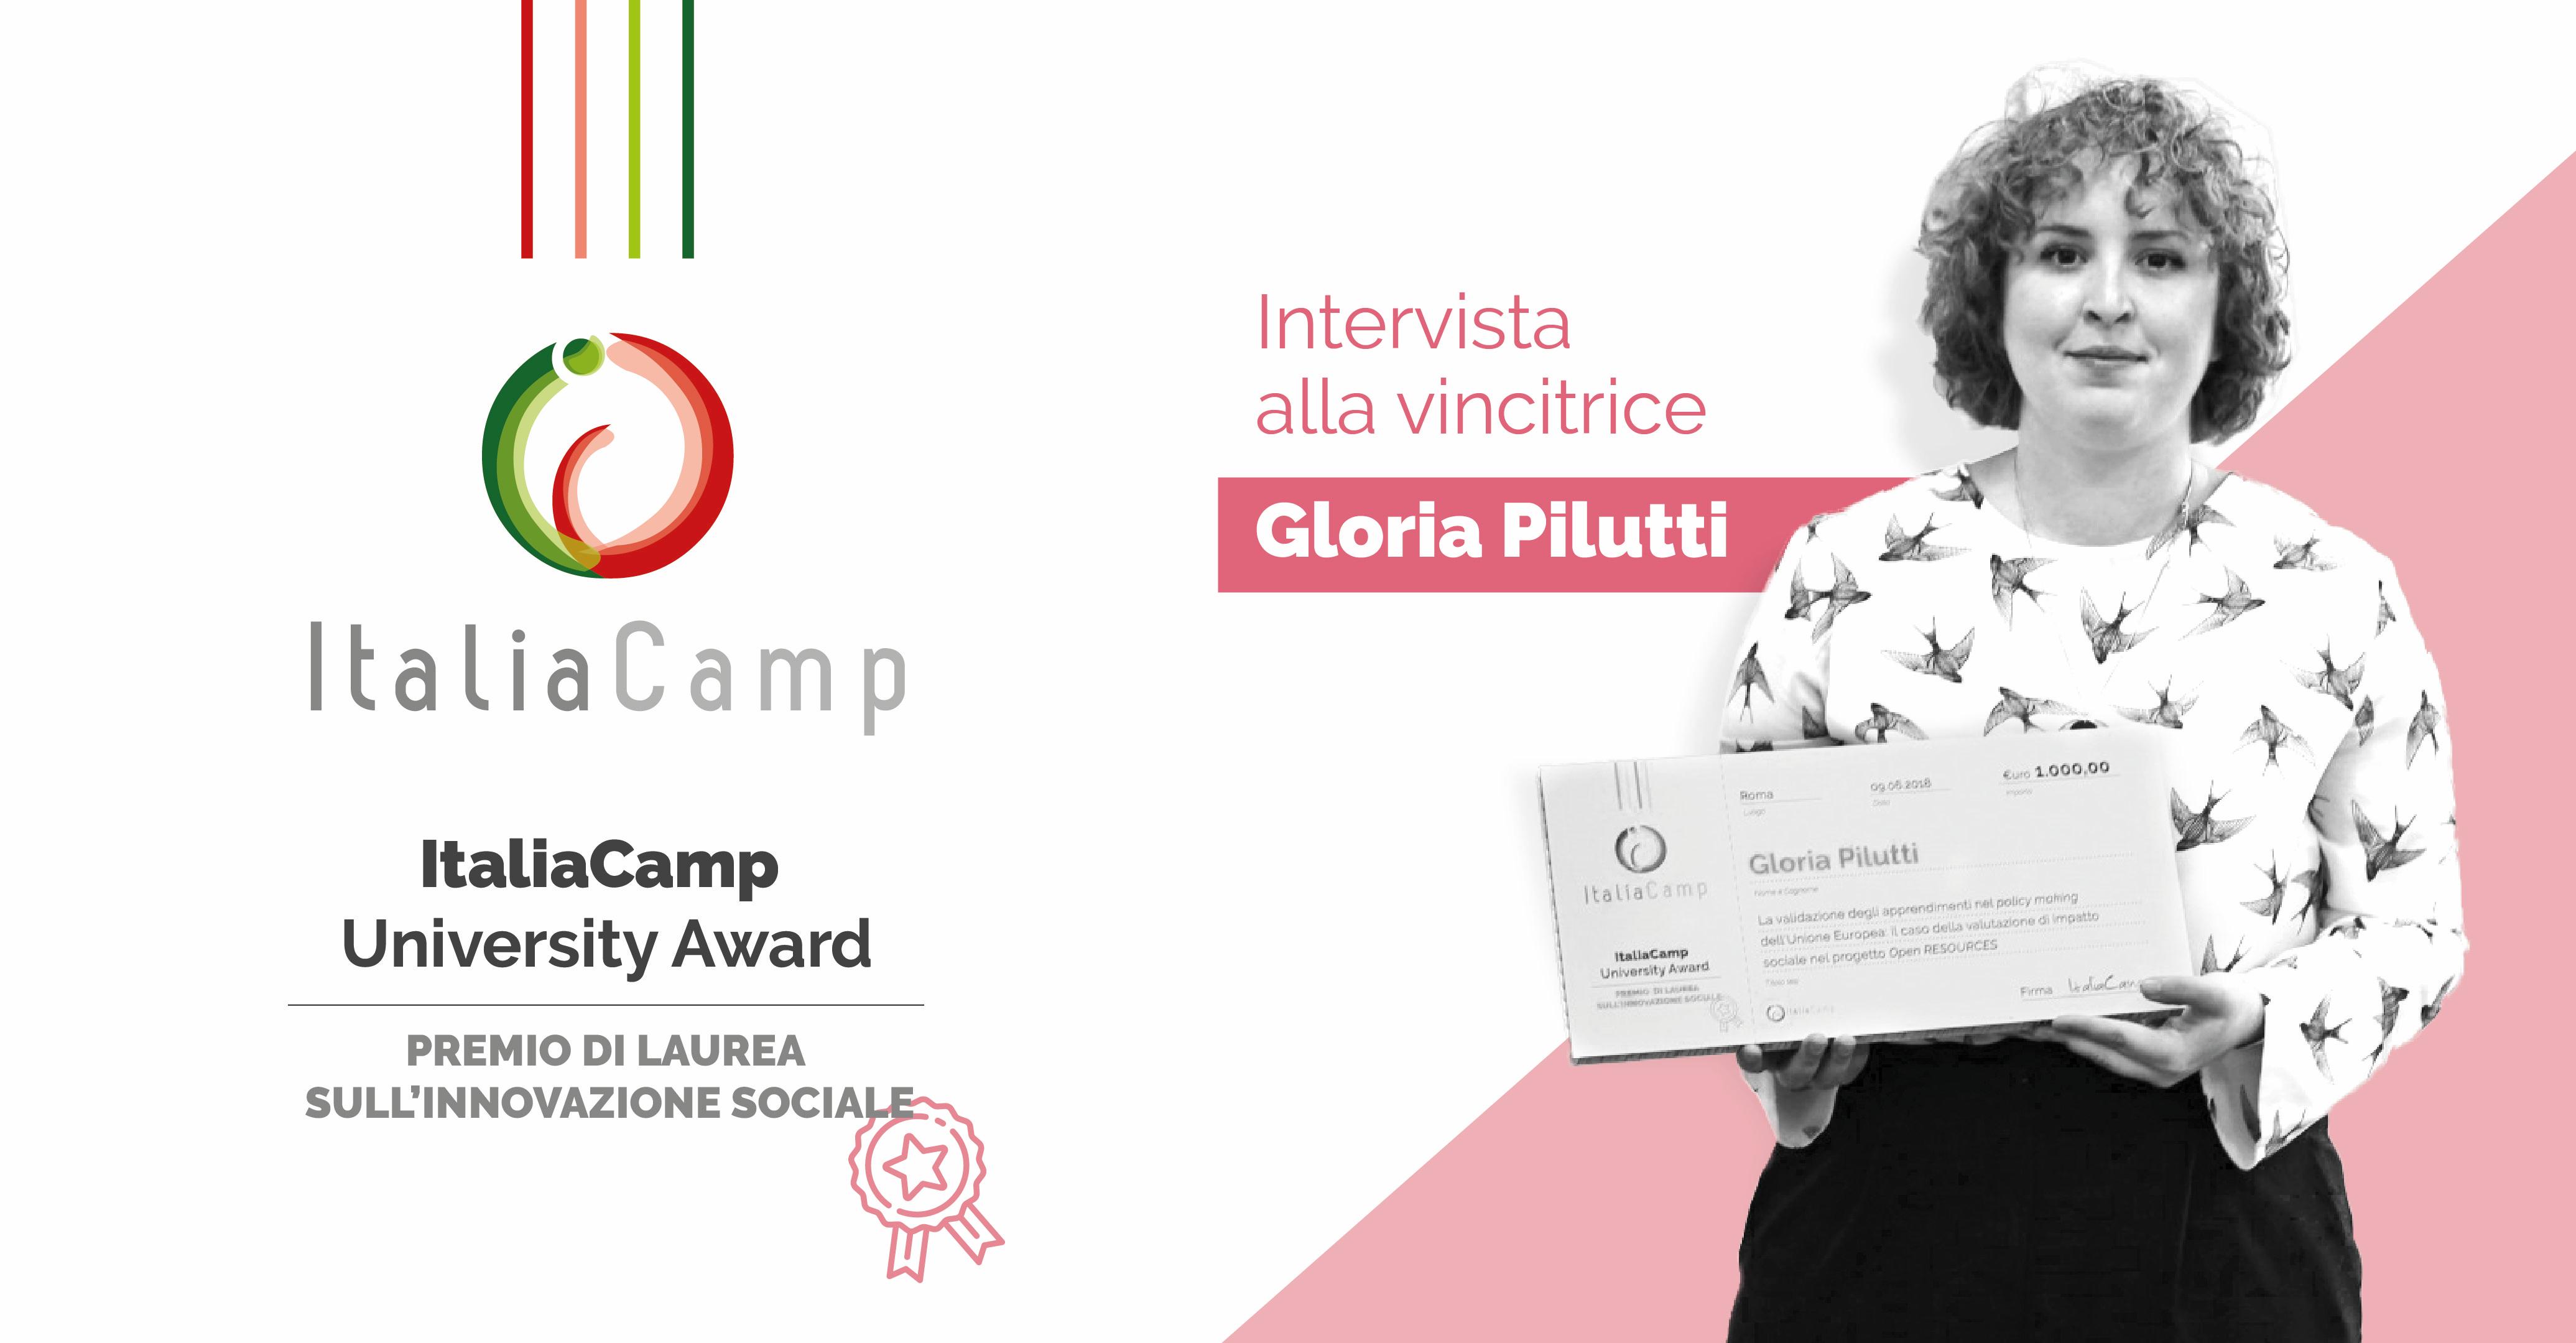 ItaliaCamp University Award intervista a Gloria Pilutti